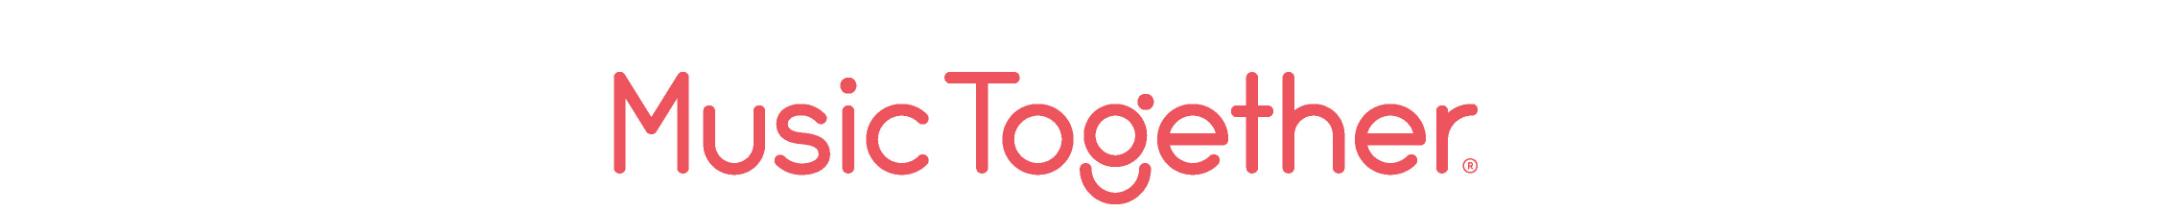 Music Together Logo Header.png